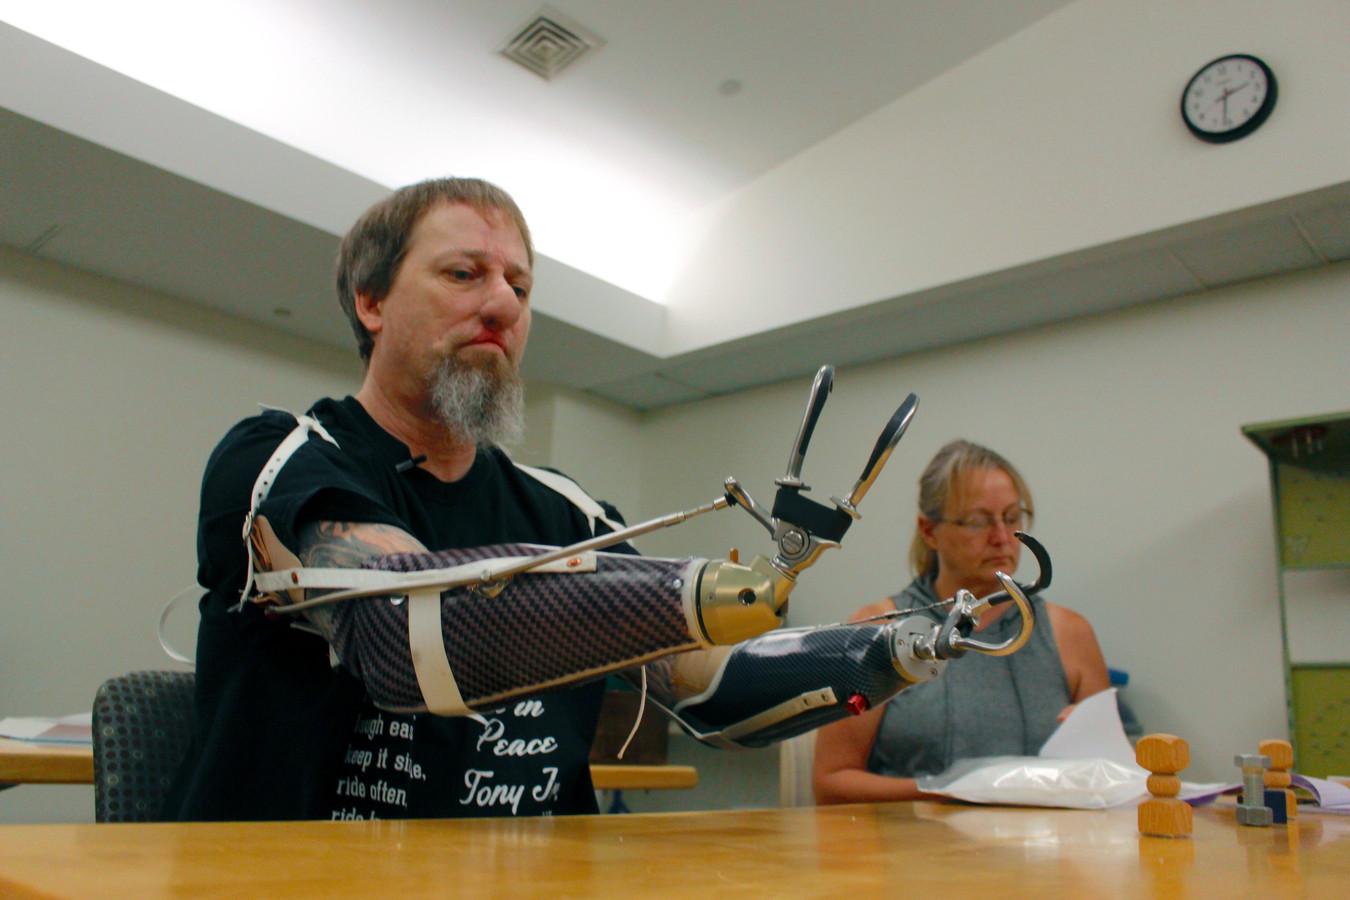 Manteufel oefent met een handprothese.